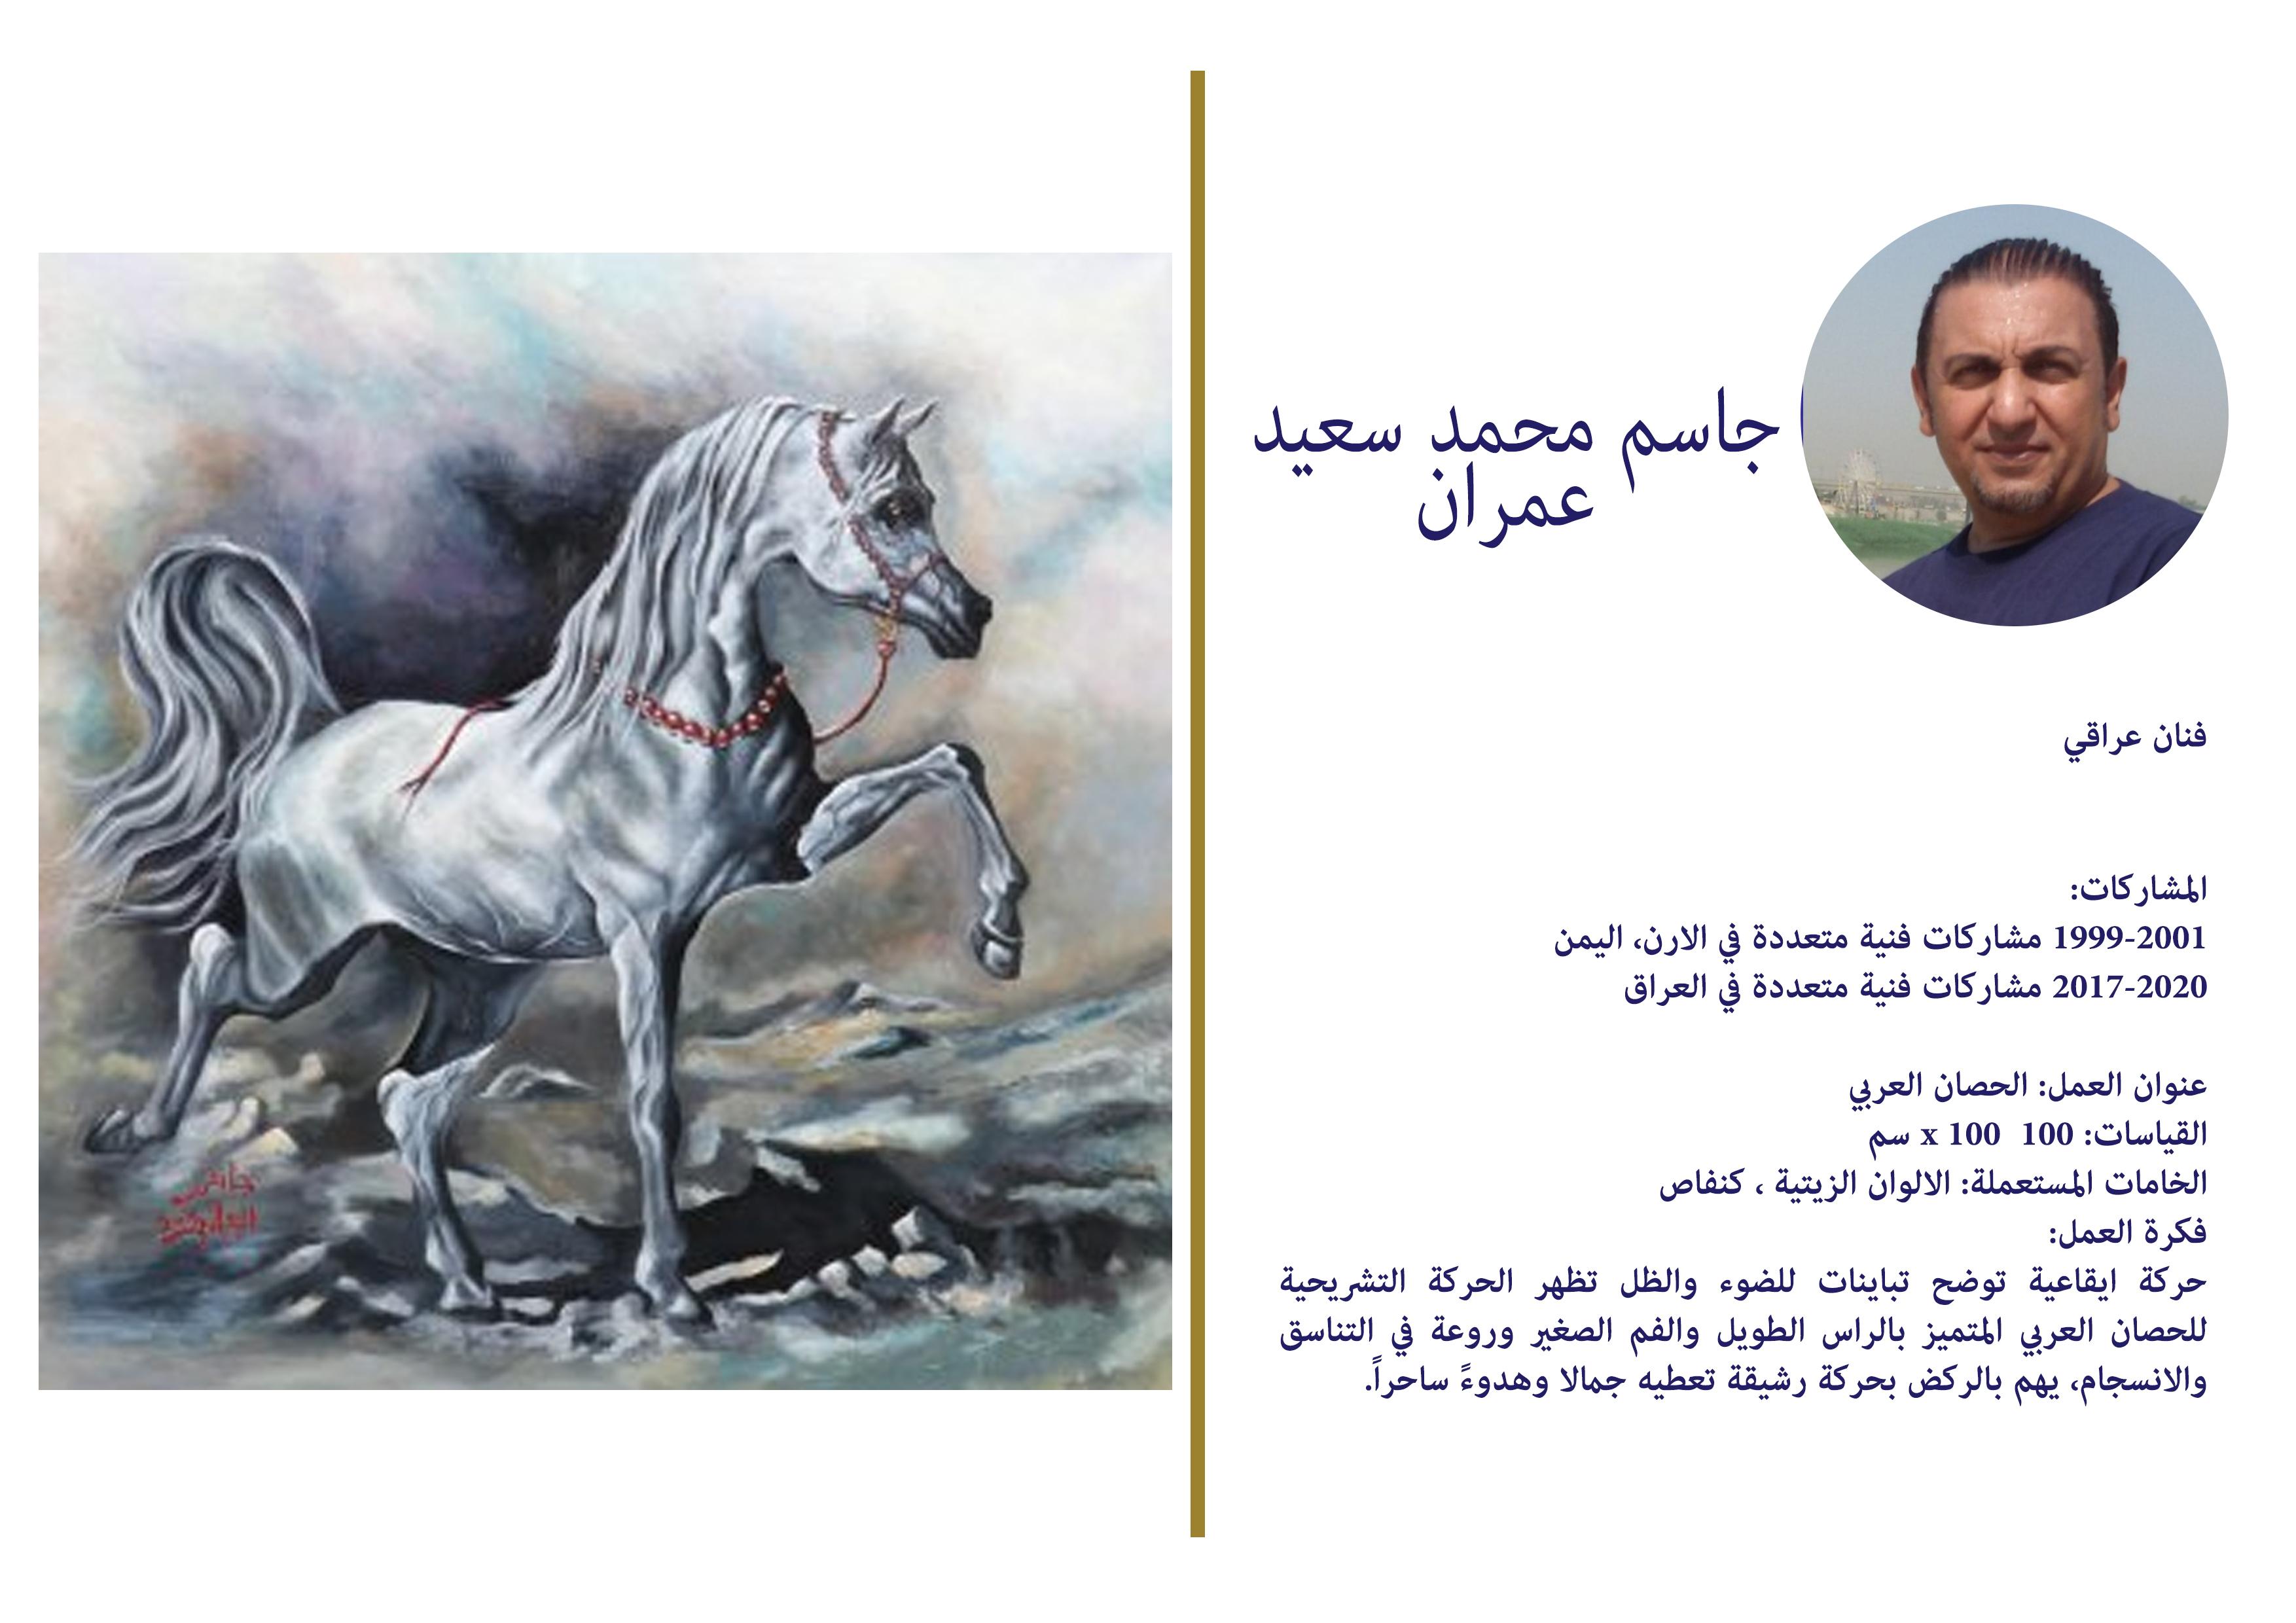 جاسم محمد سعيد